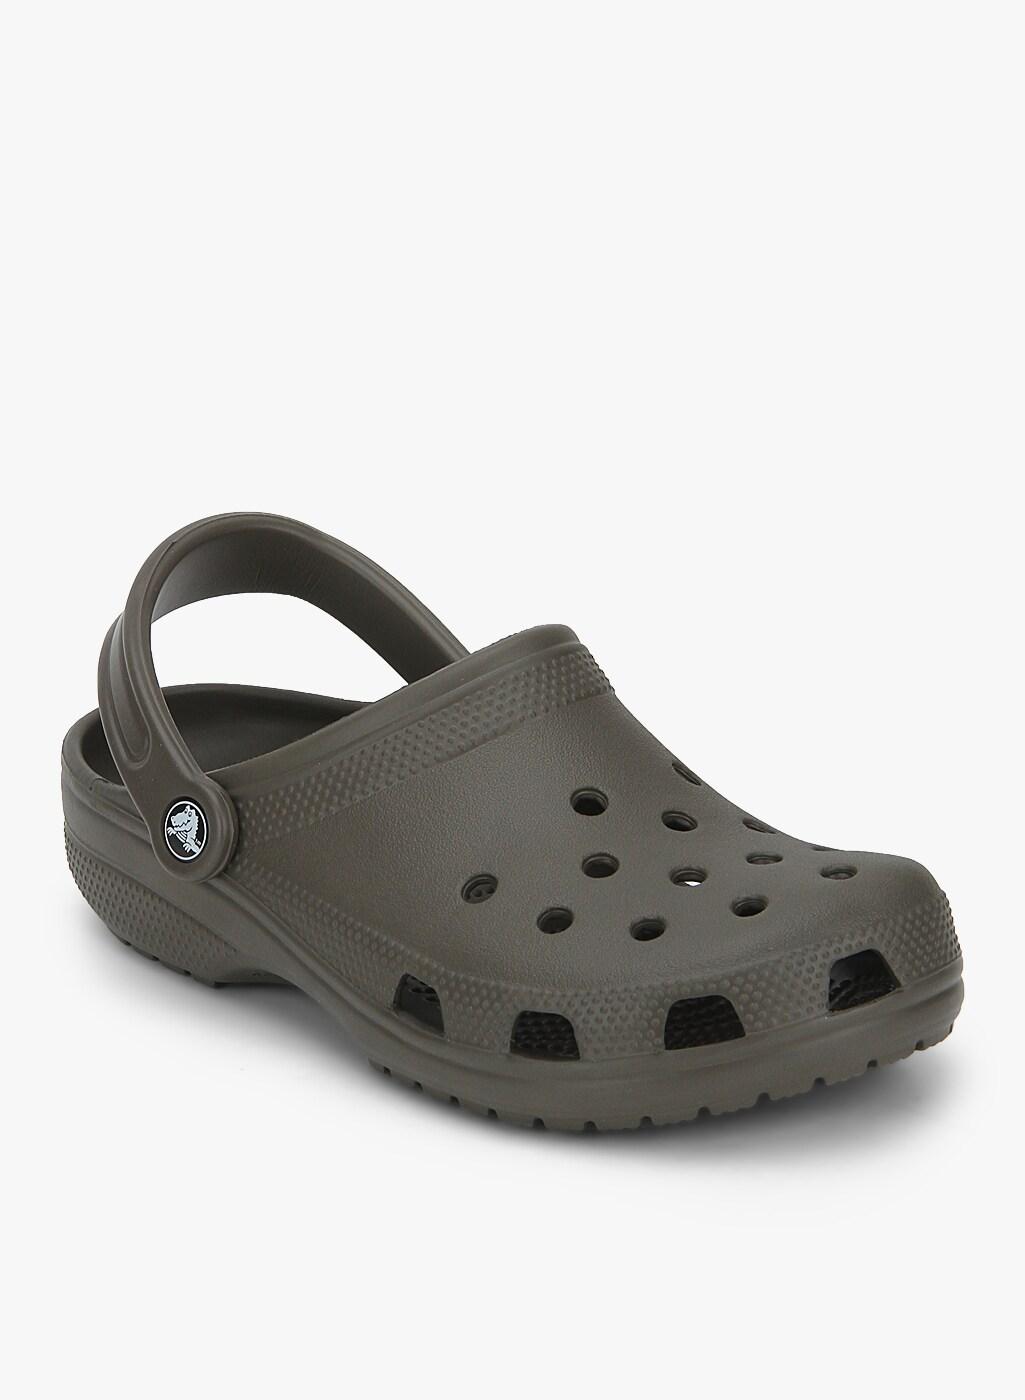 Crocs Classic Grey Sandals